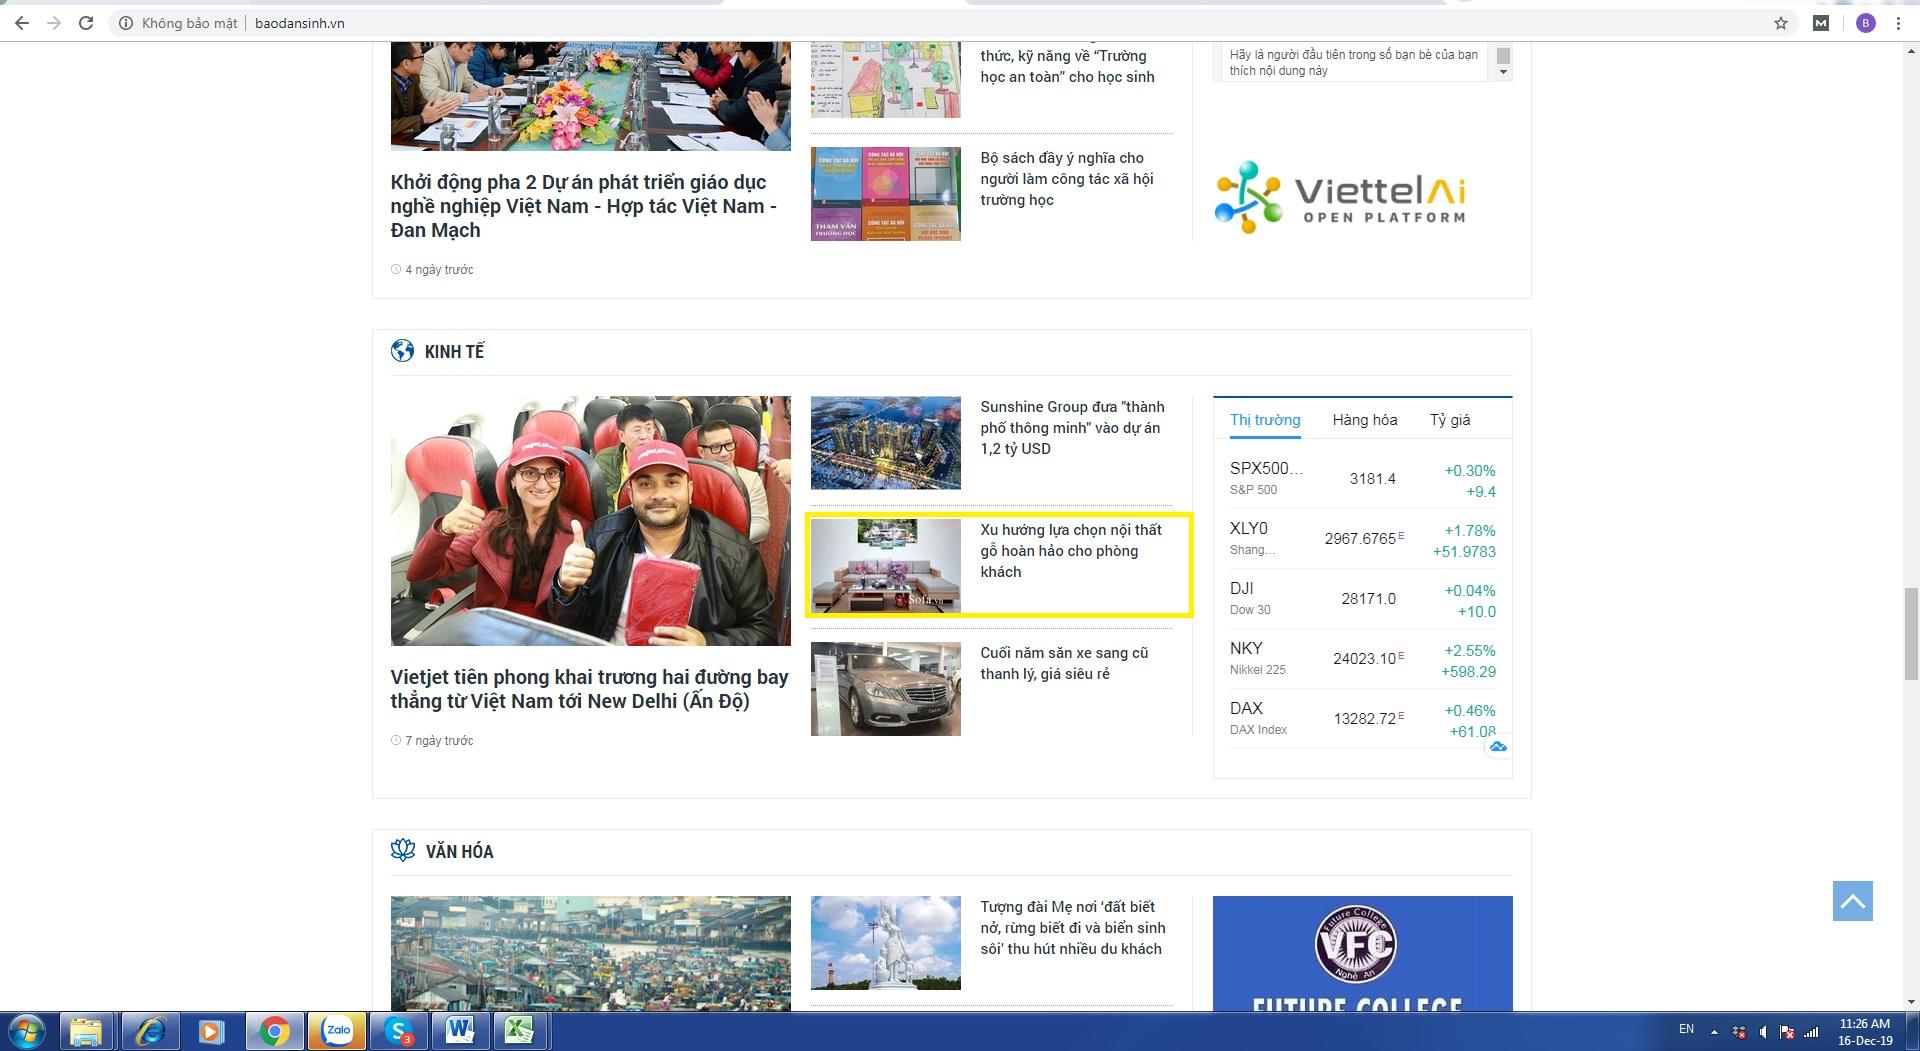 Brandcom đăng bài cho khách hàng trên Báo Dân sinh